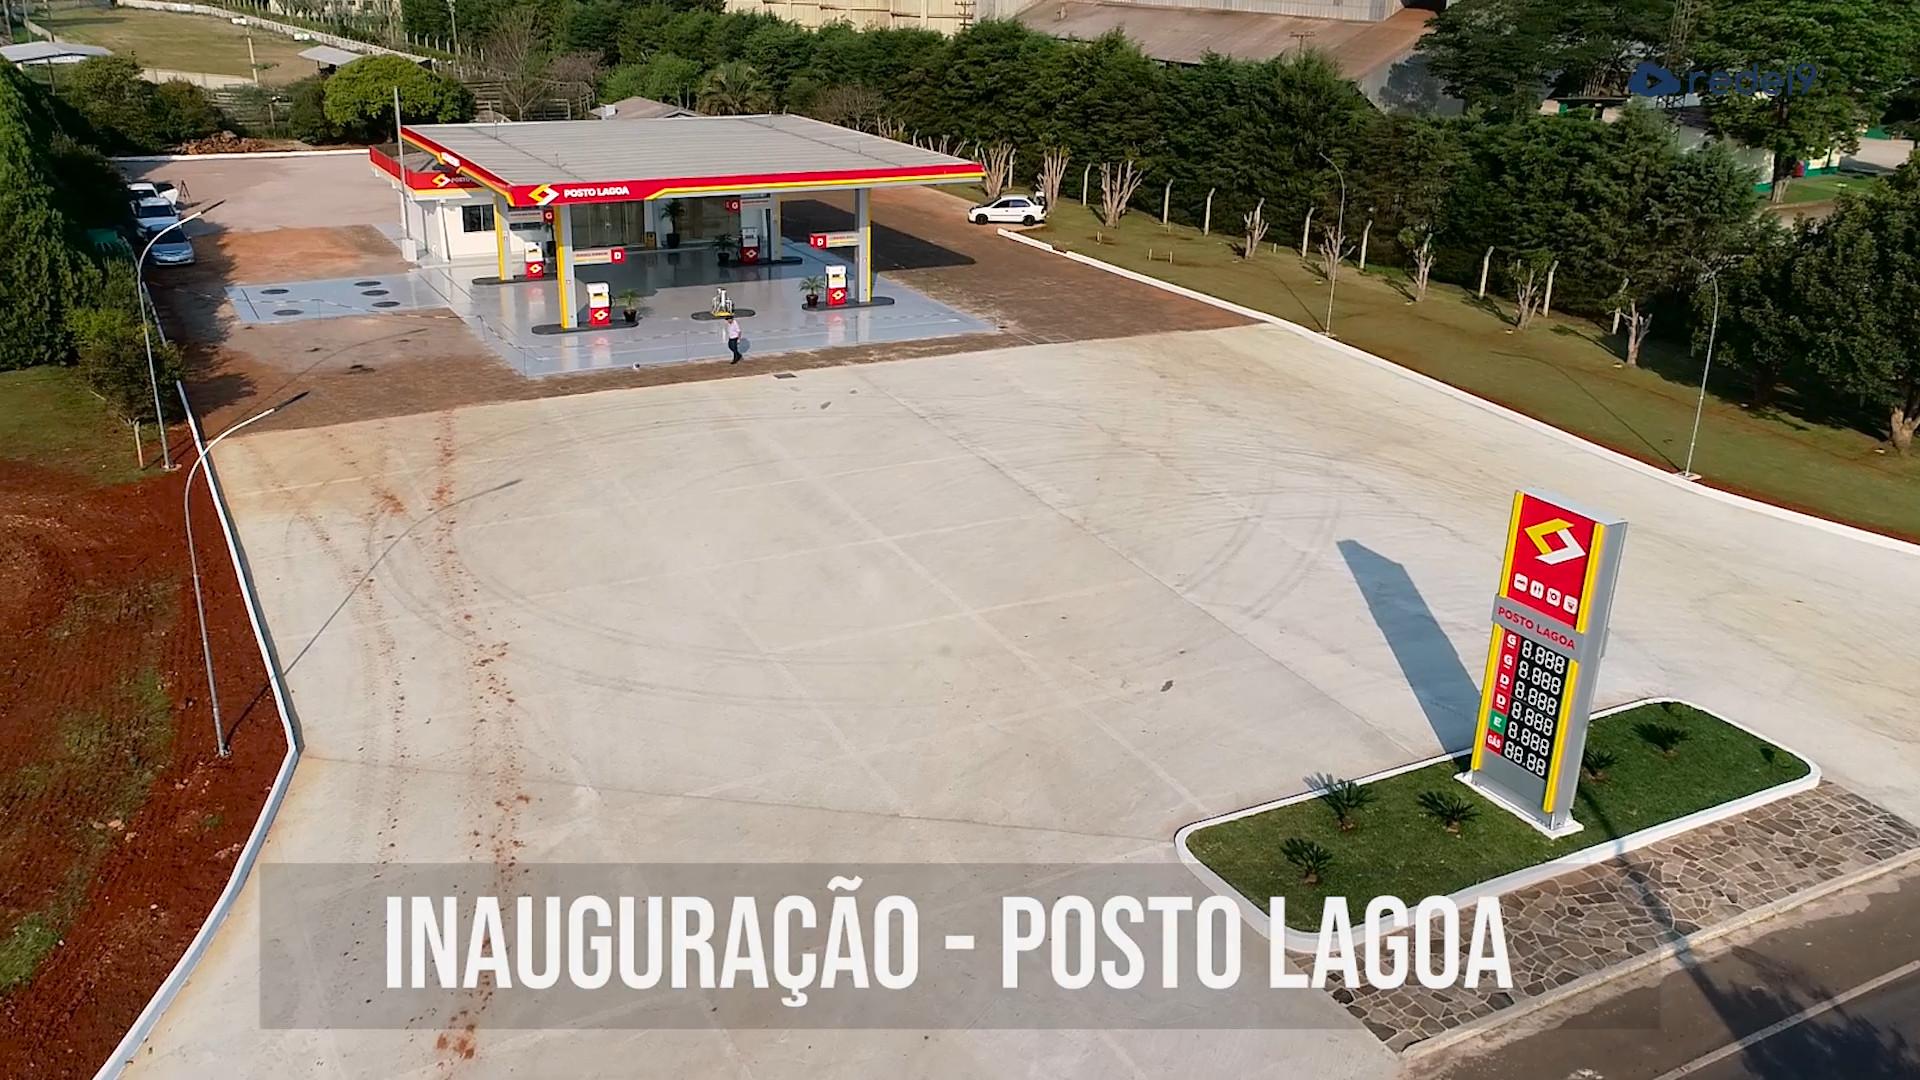 Inauguração do Posto Lagoa